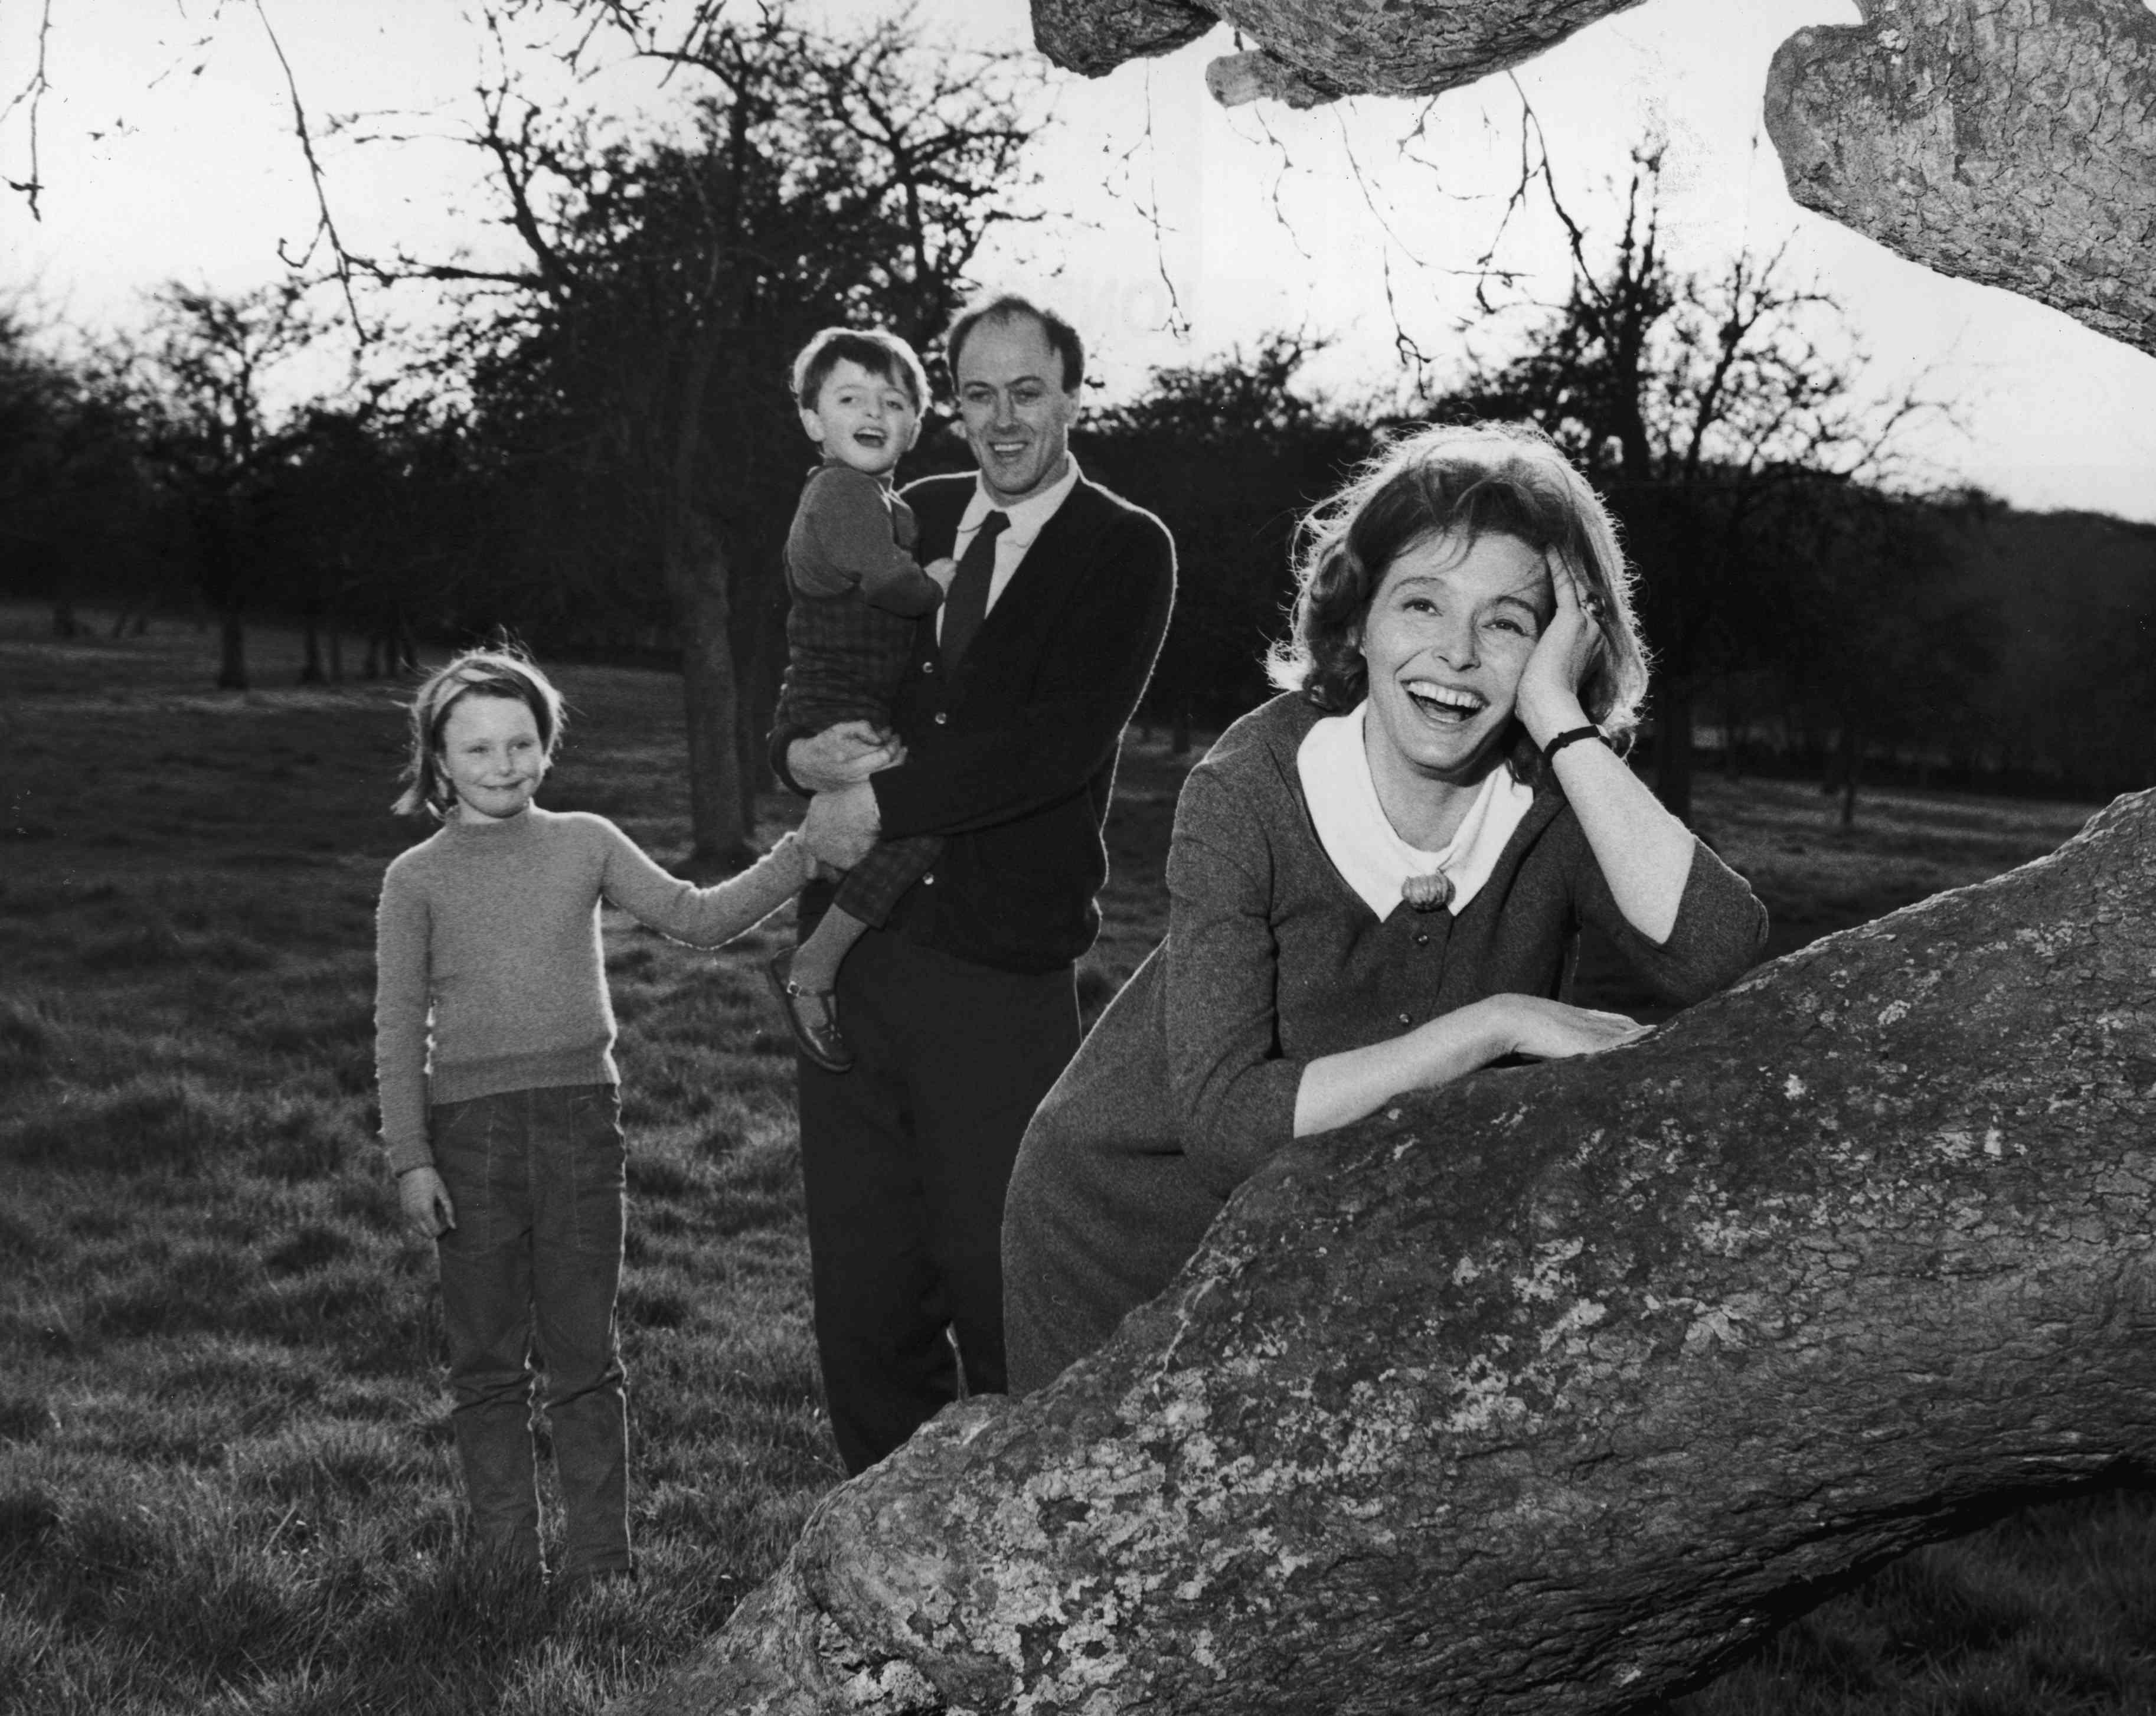 Fotografía en blanco y negro de Roald Dahl sosteniendo a sus hijos;  su esposa Patricia Neal se apoya en un árbol